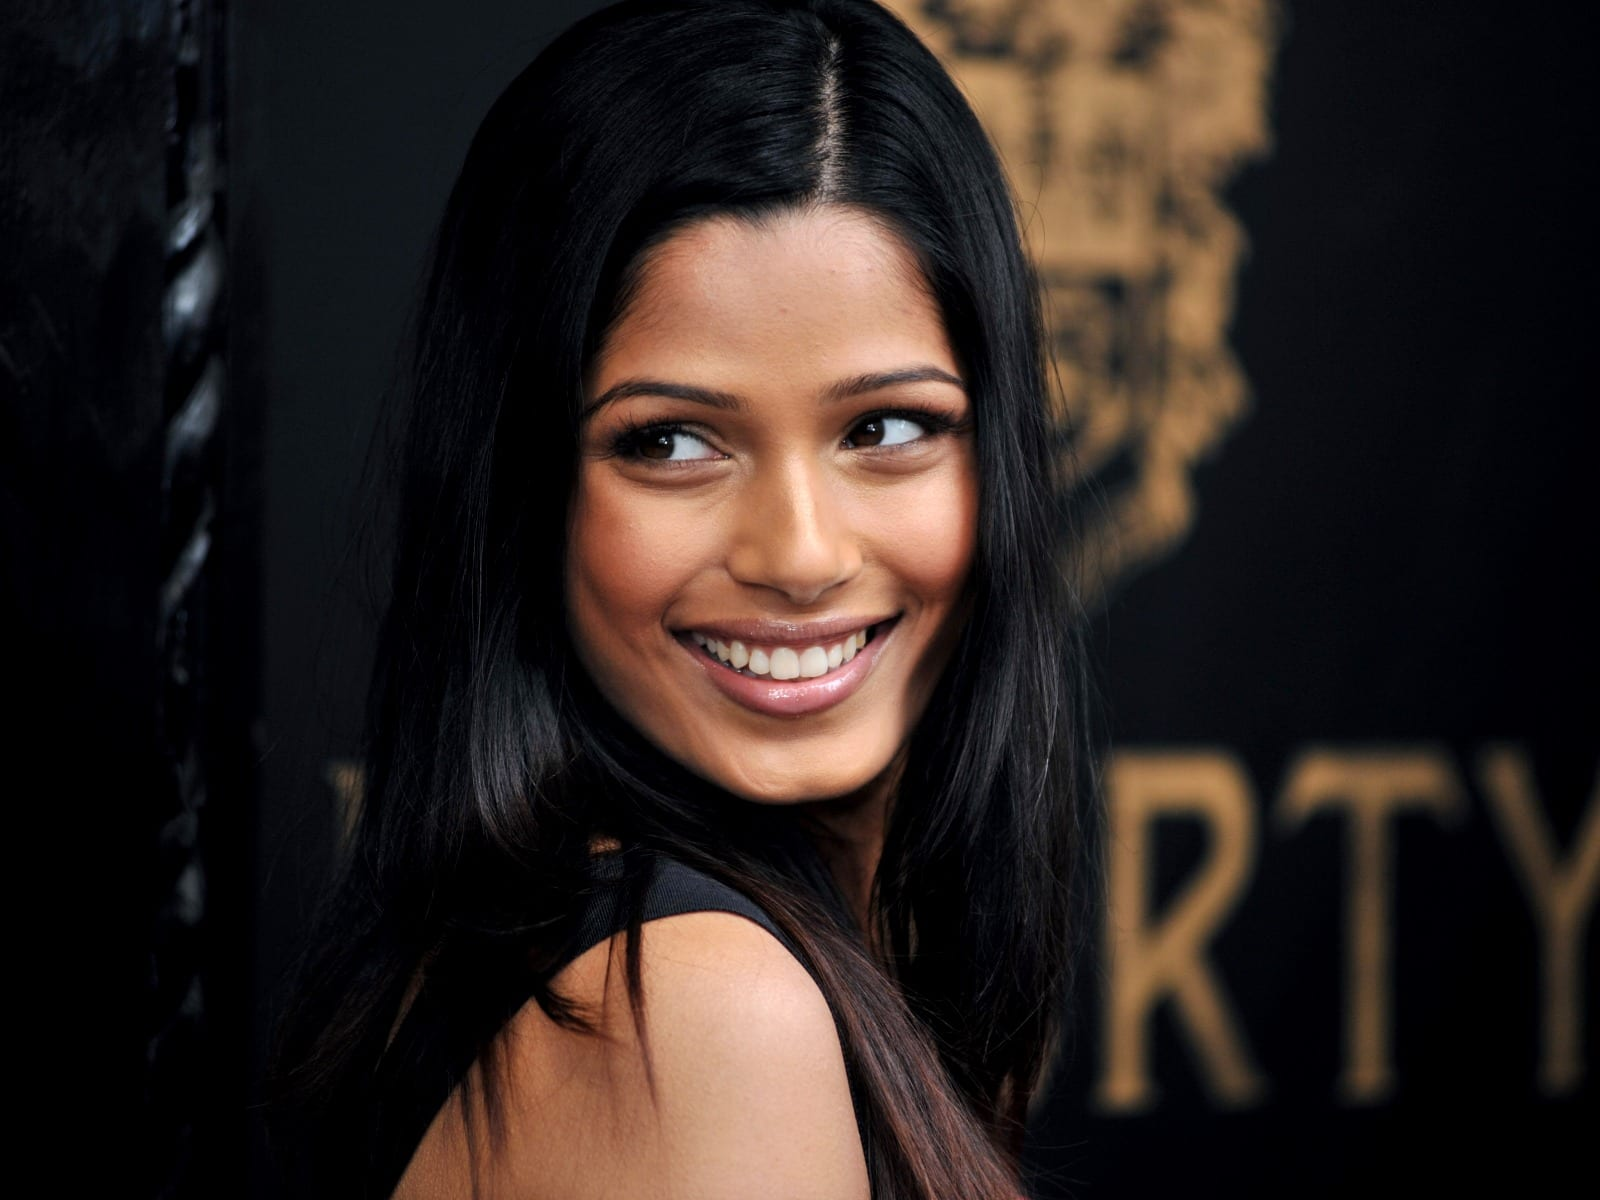 La conception de la beaut indienne une volution for Chambre de commerce franco indienne